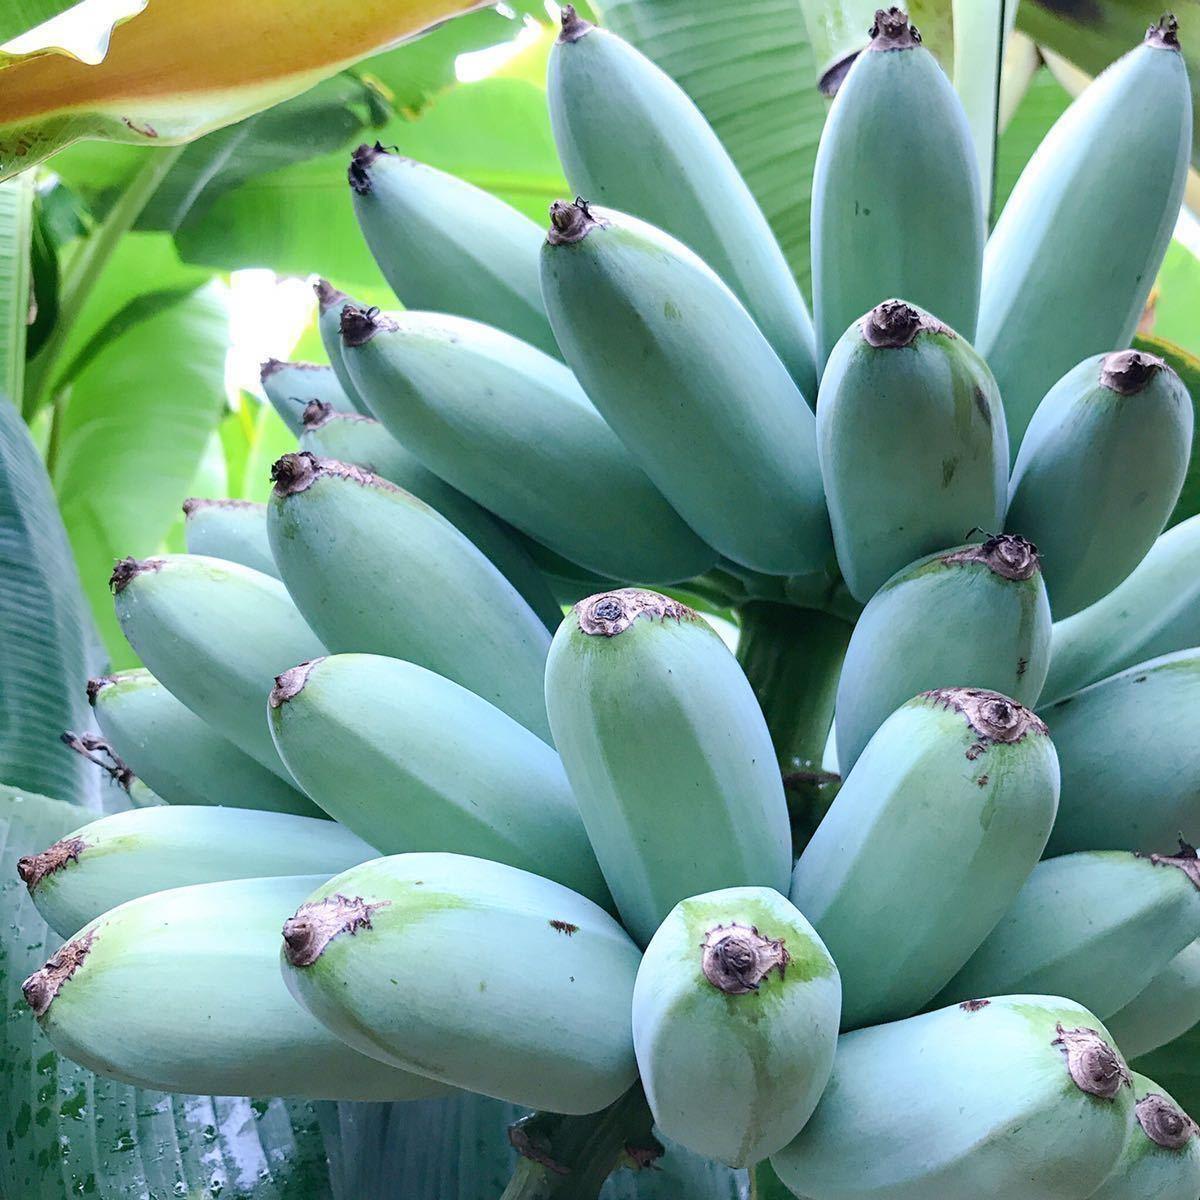 送料無料 2株セット アイスクリーム バナナ苗 (Silver bluggoe種) Hak Muk Nuan 7号ポット(21cm) バナナ 熱帯果樹 果樹 苗 フルーツ